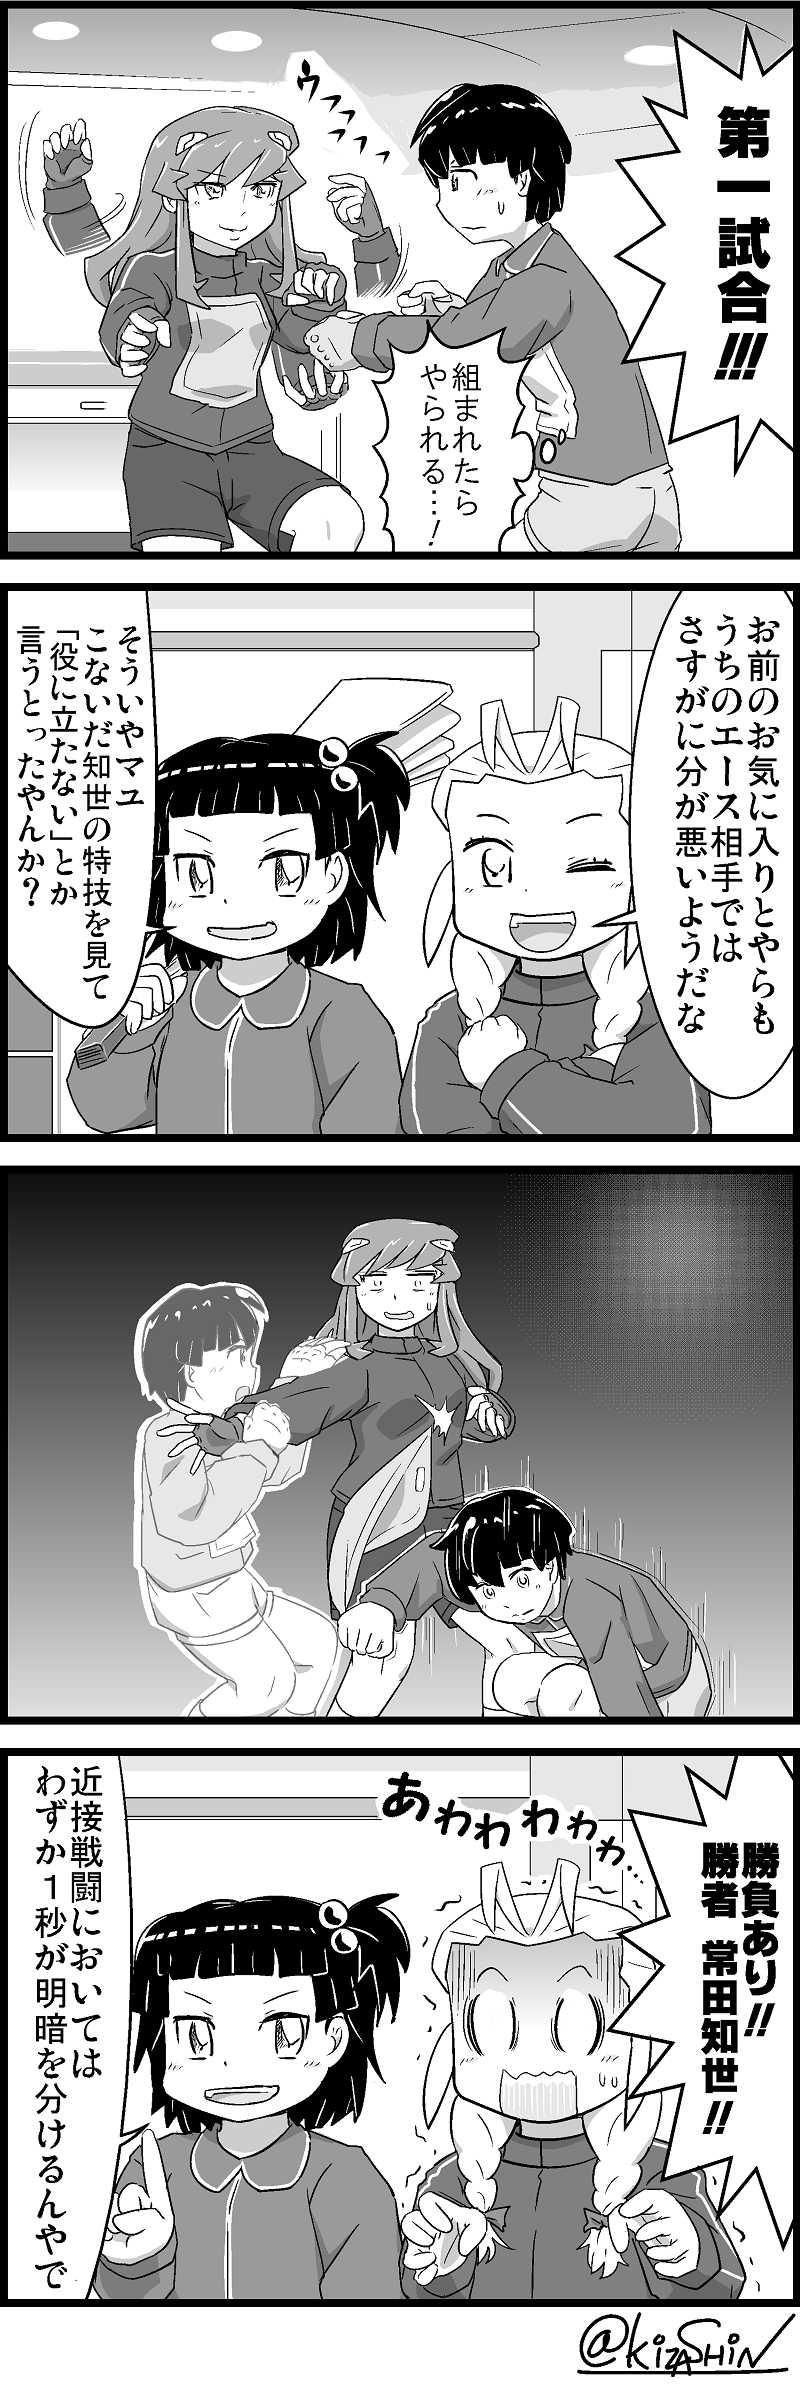 第61話 第1試合・霞沢桃花 vs 常田知世